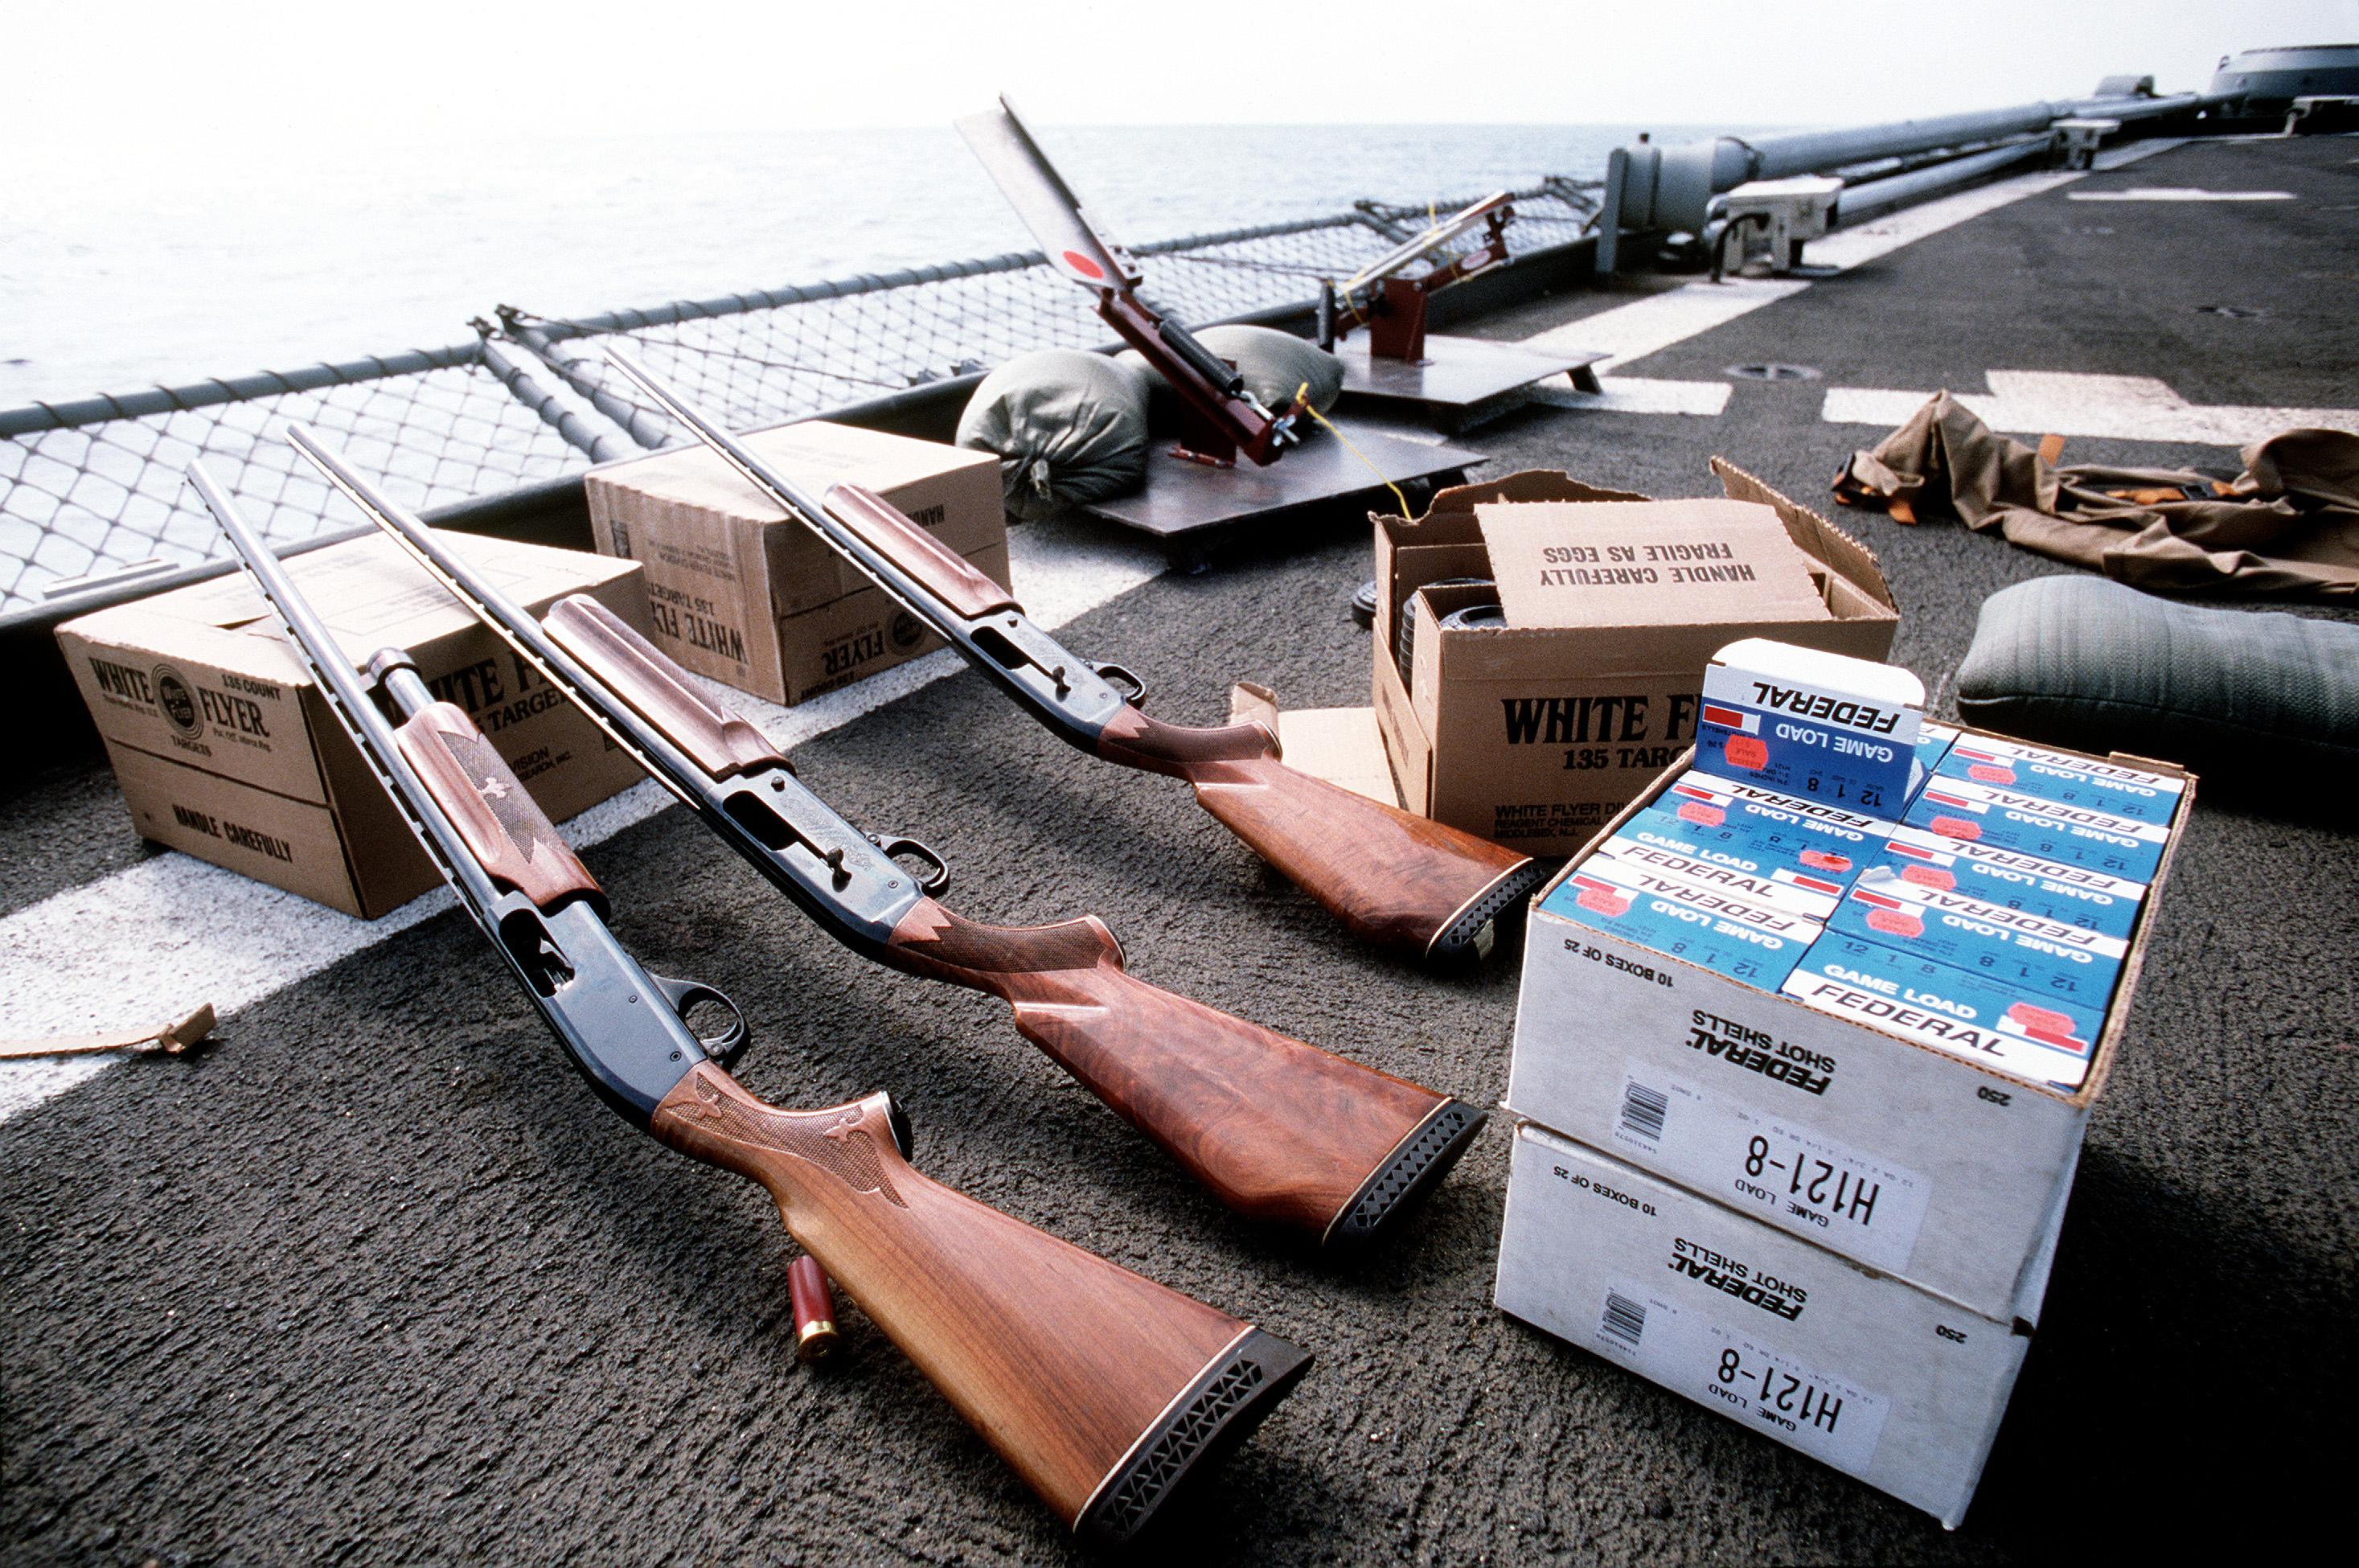 Niscemi: 44 licenze di caccia revocate